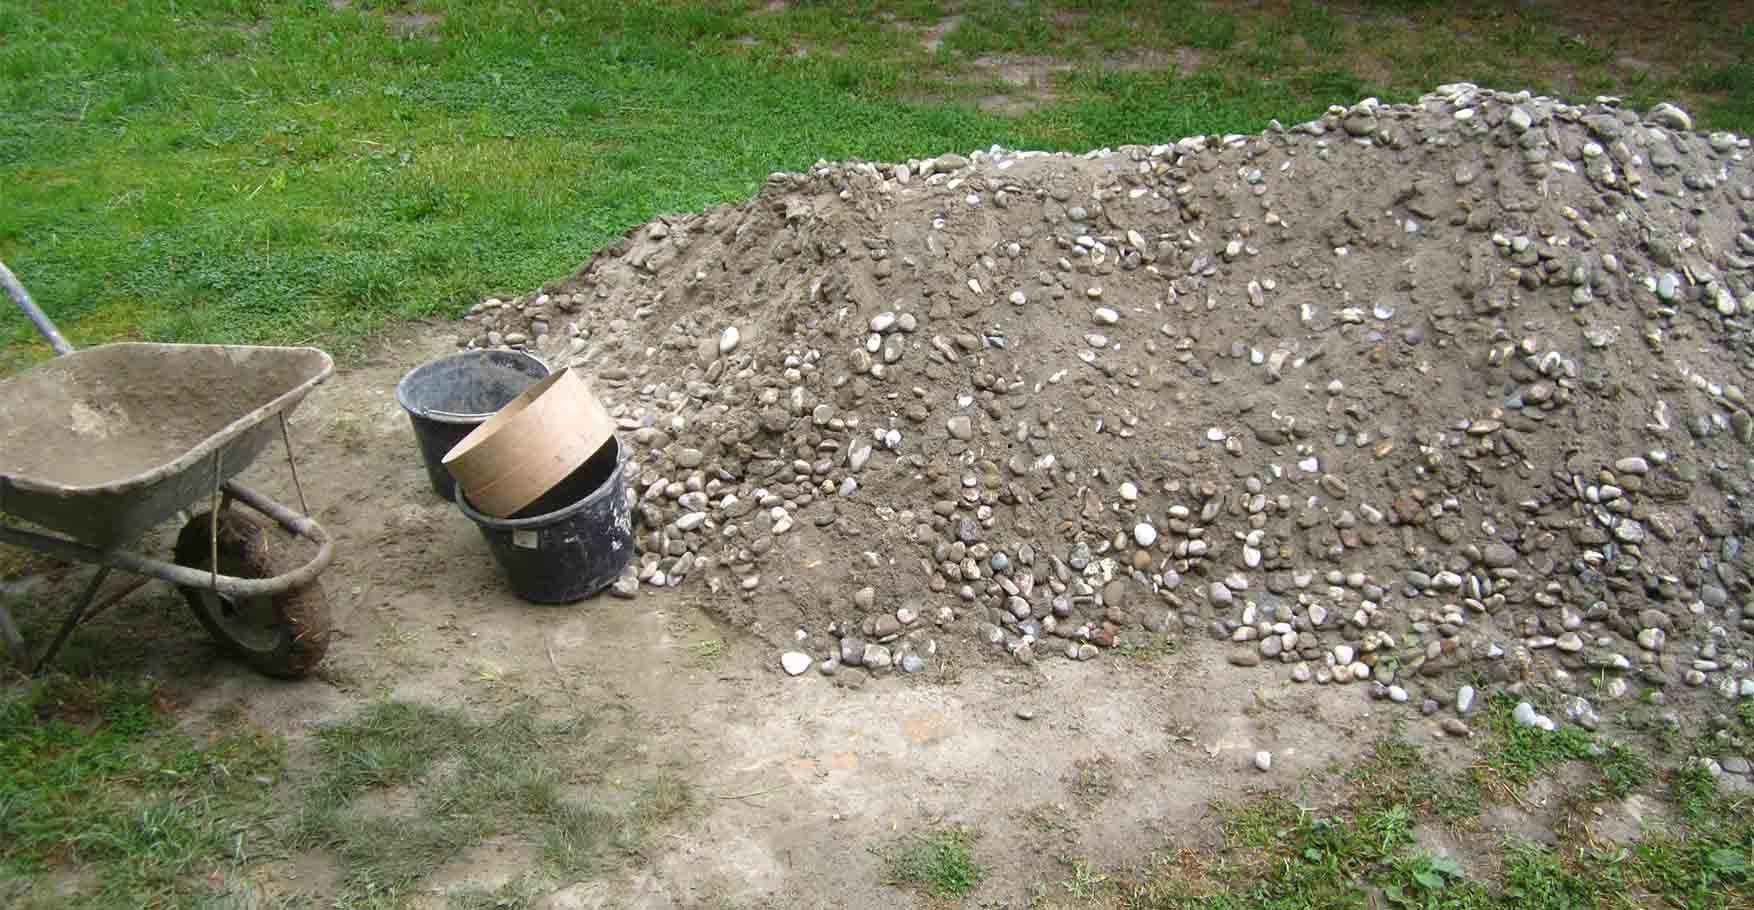 101 radionica mosorin iberlauf zemljani pod